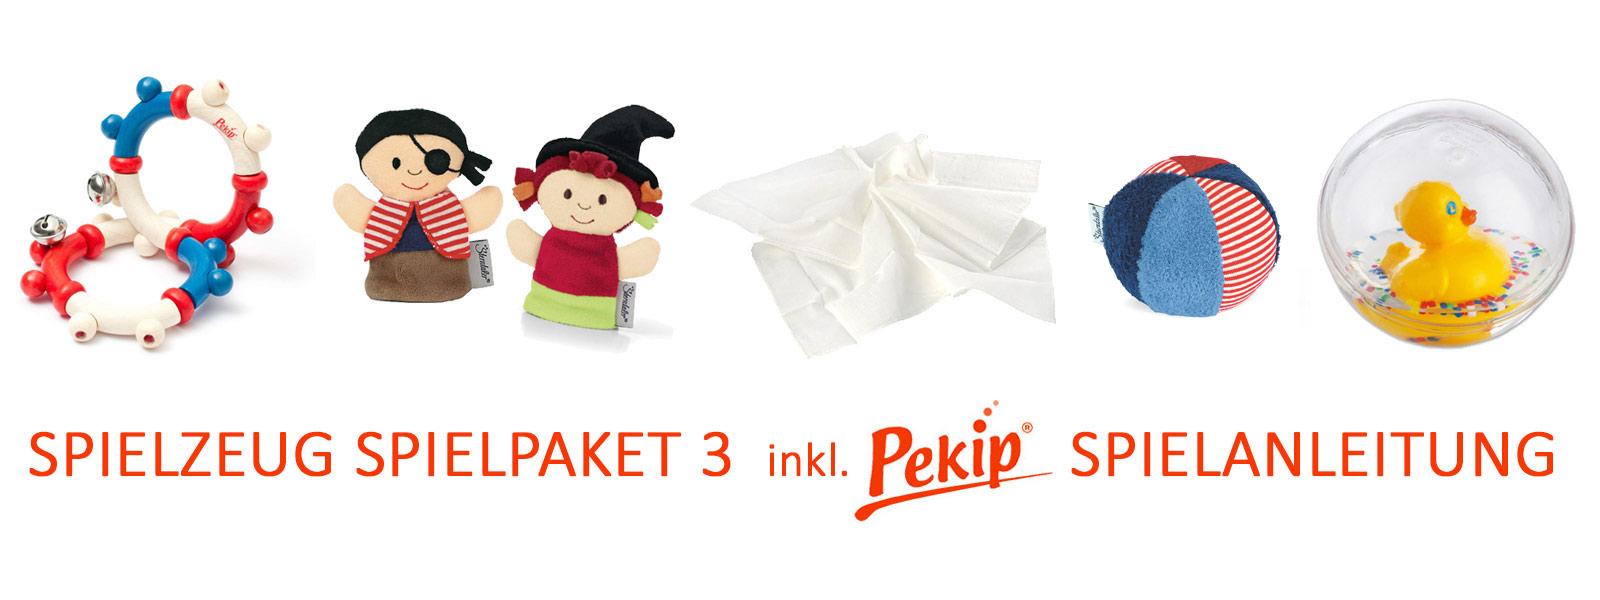 pekip-spielwaren-spielpaktet3-spielzeug-produkte-neuiXDeMF29hRpqN